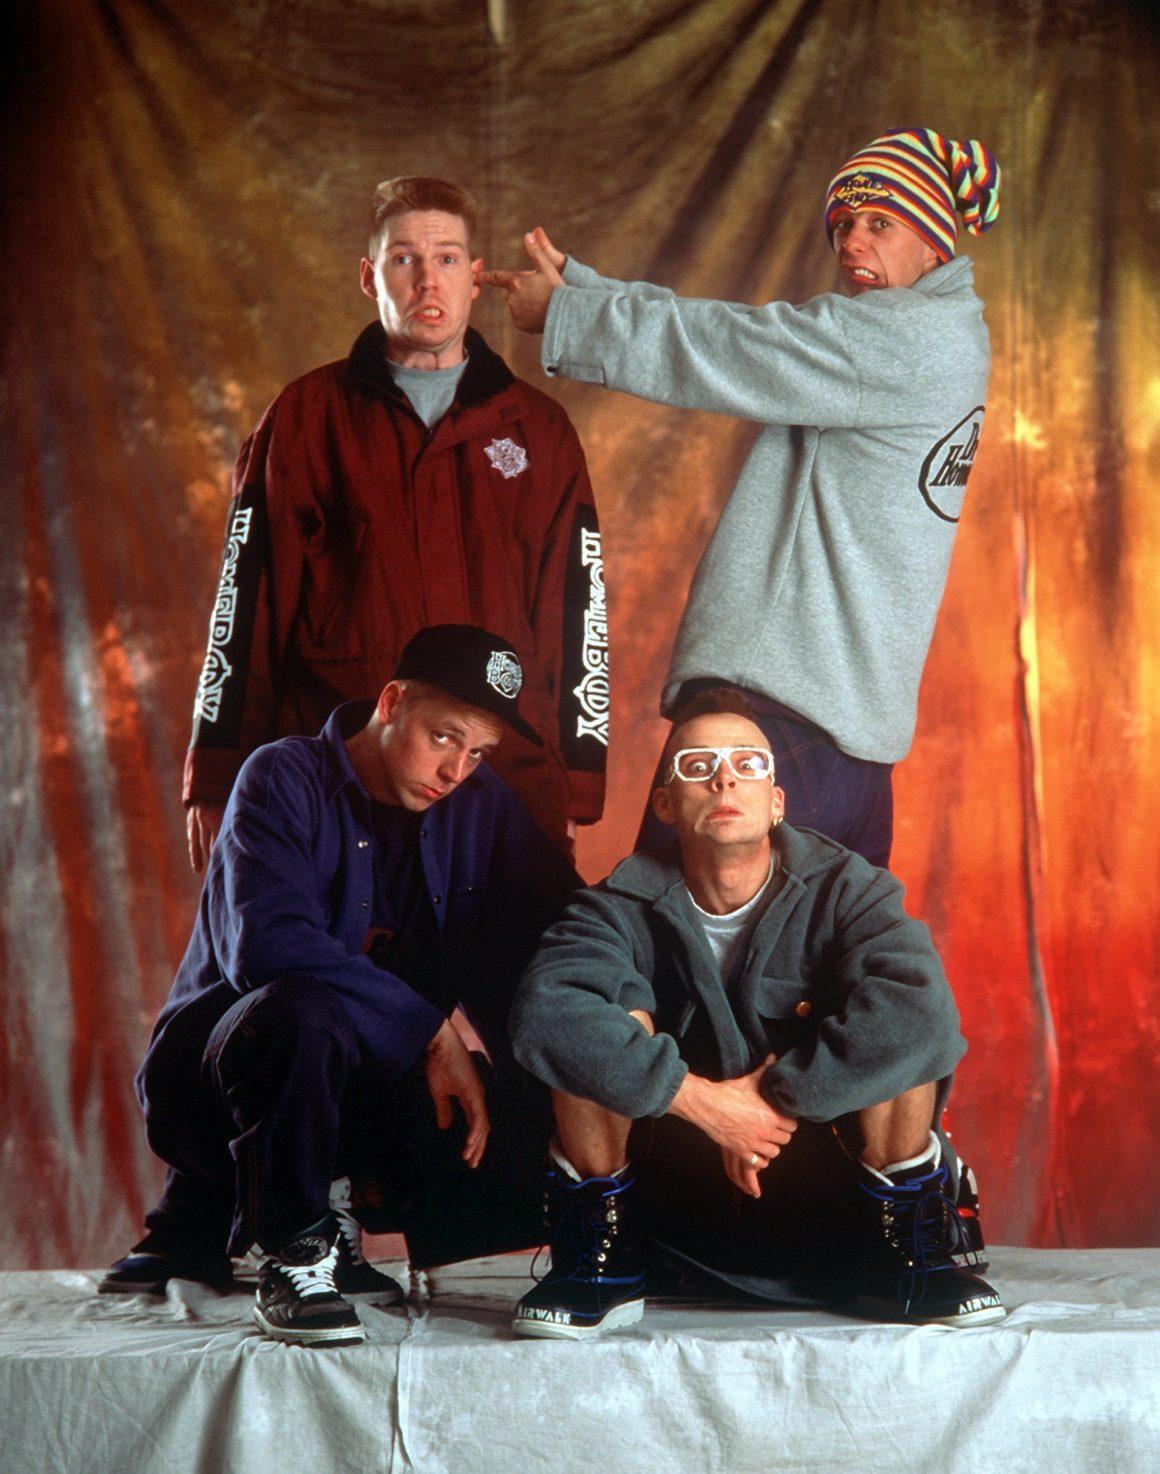 Die Fantastischen Vier schneiden als junge Männer Grimassen